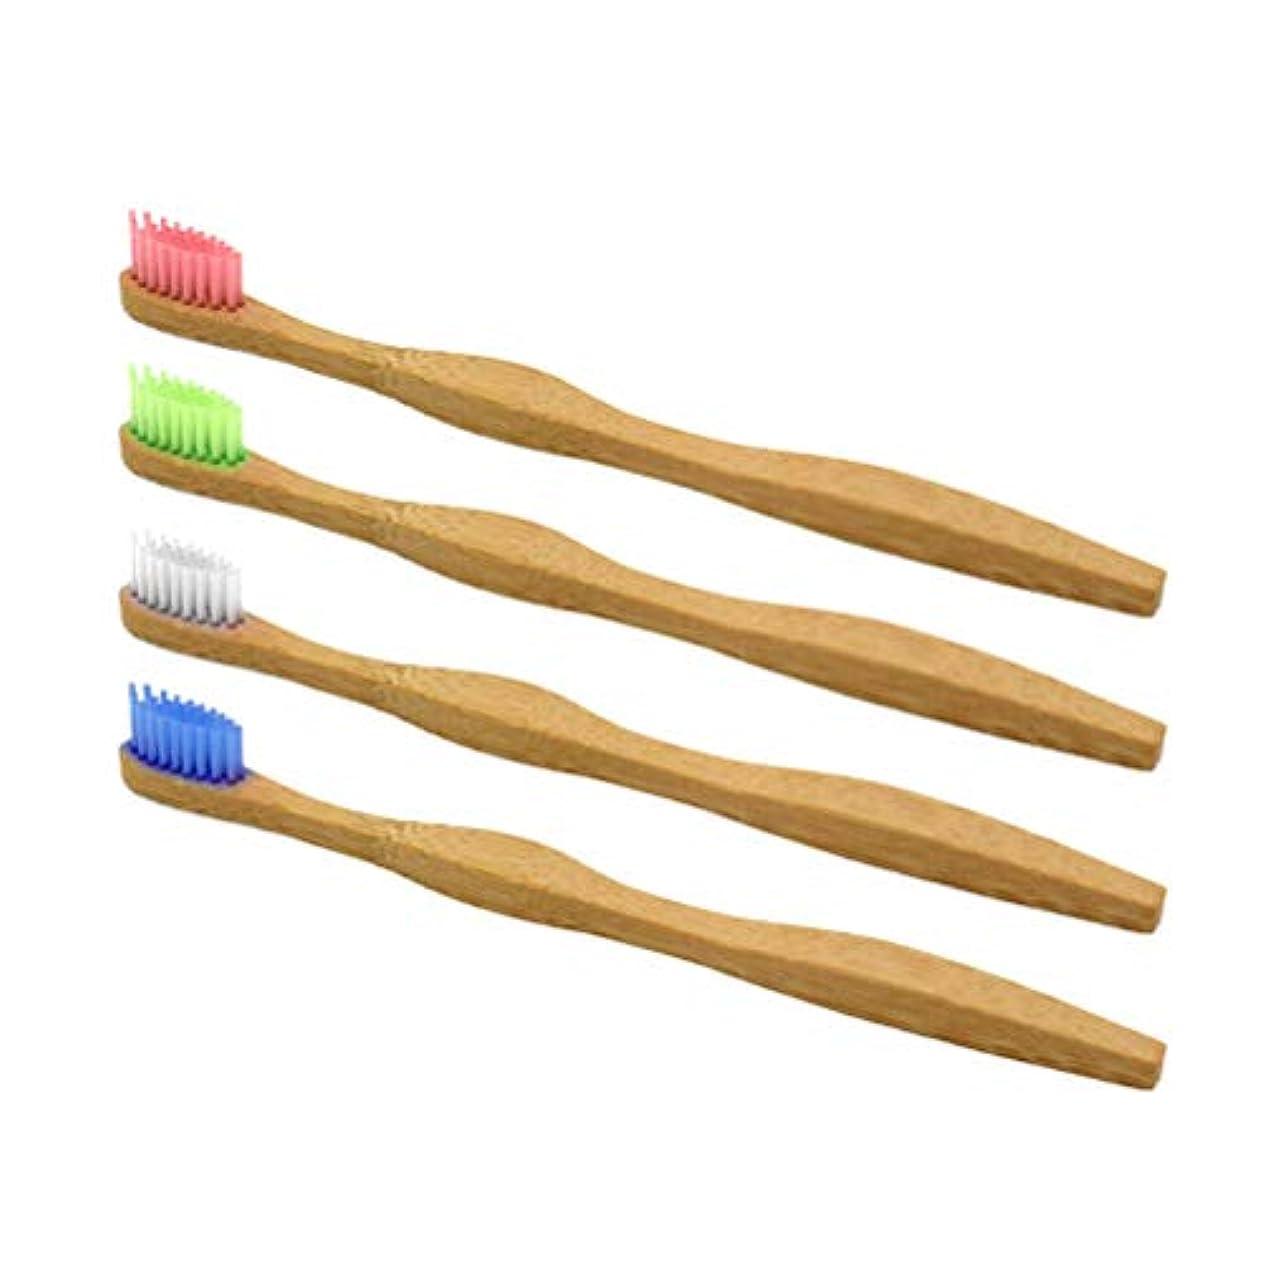 兵隊アリ抑制Healifty 家庭用およびトラベル用4本(白、青、ピンク、緑)用歯ブラシ竹製歯ブラシ